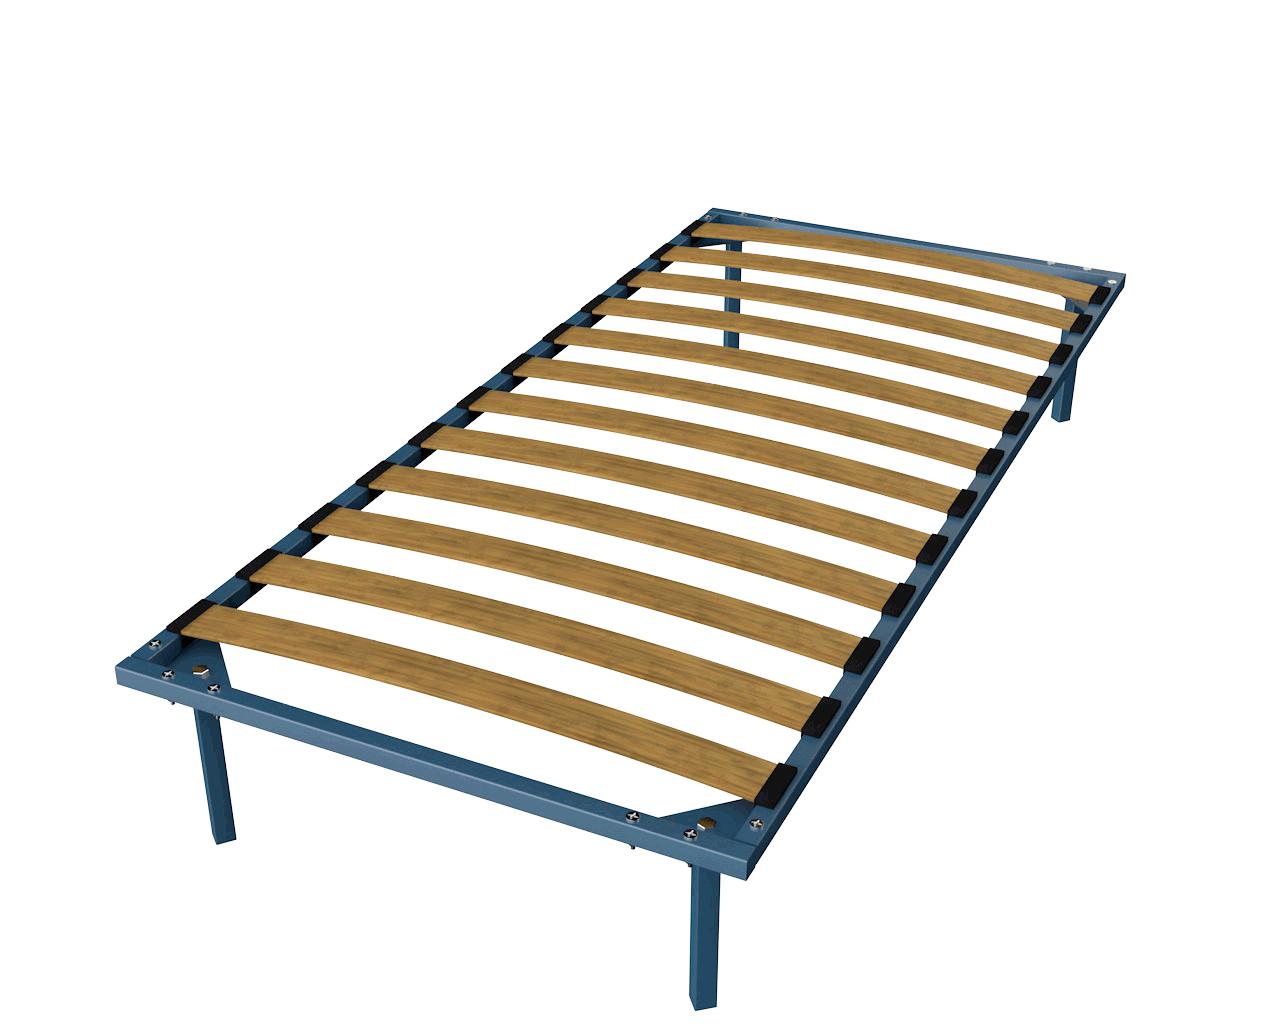 Основание (решётка) для кровати Соната Разборное односпальное ортопедическое основание